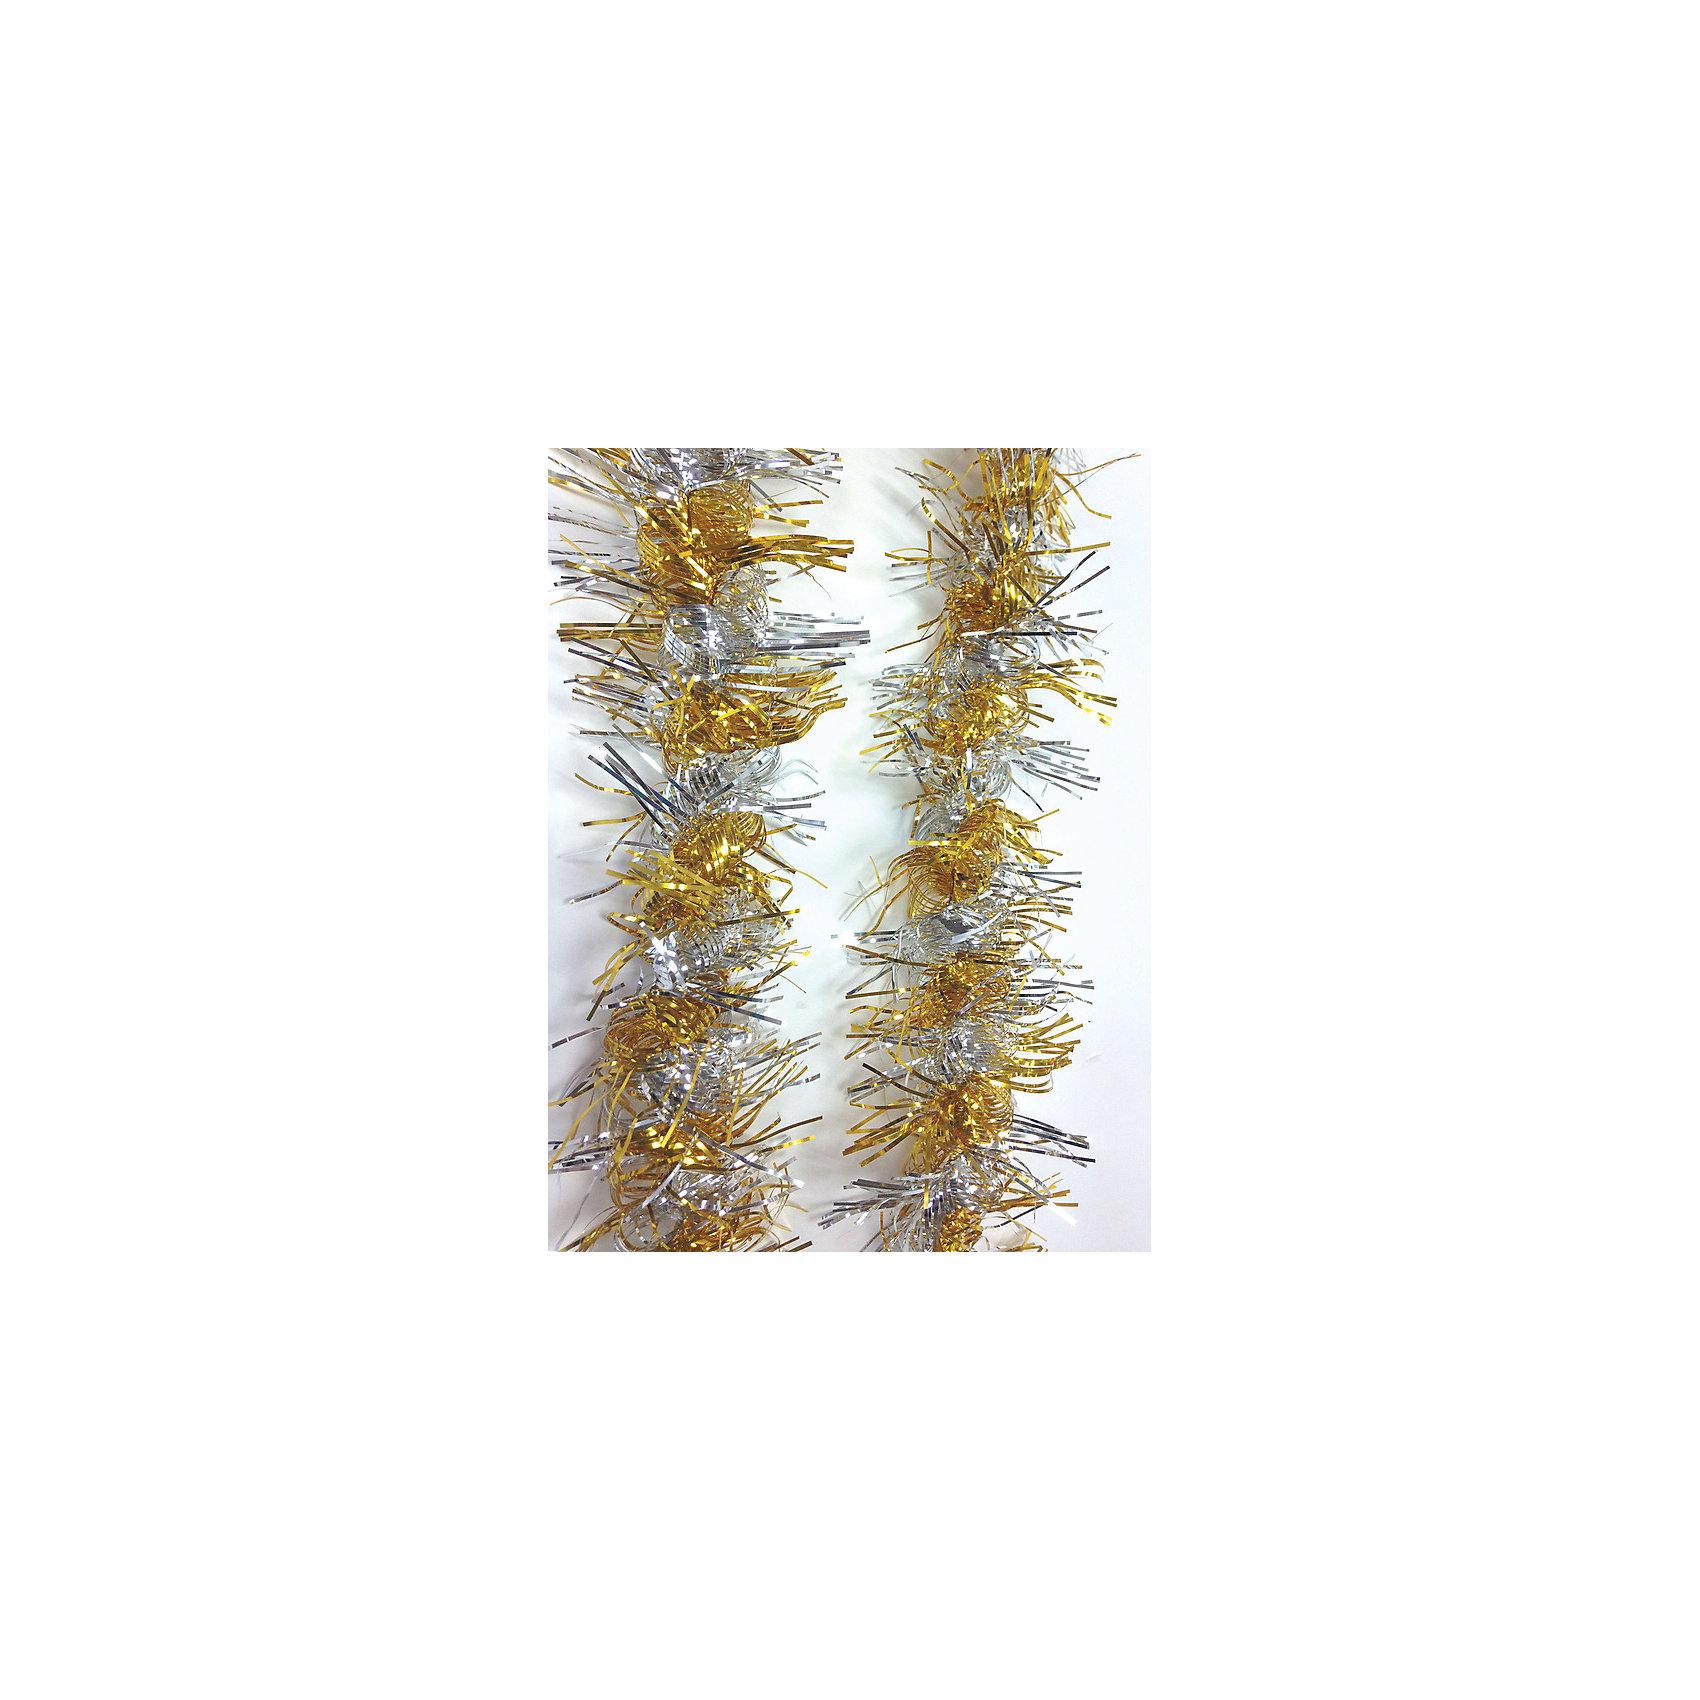 Мишура Серебро и светлое золото 9*200 смМишура - обязательный атрибут Нового года! Особое время - сам праздник и предновогодние хлопоты - ждут не только дети, но и взрослые! Праздничное настроение создает в первую очередь украшенный дом и наряженная ёлка. Будь она из леса или искусственная - такая мишура украсит любую! Также она подходит для украшения дома.<br>Изделие произведено из безопасного для детей, прочного, но легкого, материала, гирлянда красиво мерцает. Благодаря расцветке украшение отлично смотрится на ёлке. Создайте с ним праздничное настроение себе и близким!<br><br>Дополнительная информация:<br><br>цвет: золотой, серебристый;<br>материал: ПЭТ;<br>размер: 9 х 200 см.<br><br>Мишуру Серебро и светлое золото 9*200 см можно купить в нашем магазине.<br><br>Ширина мм: 100<br>Глубина мм: 100<br>Высота мм: 60<br>Вес г: 510<br>Возраст от месяцев: 36<br>Возраст до месяцев: 2147483647<br>Пол: Унисекс<br>Возраст: Детский<br>SKU: 4981363